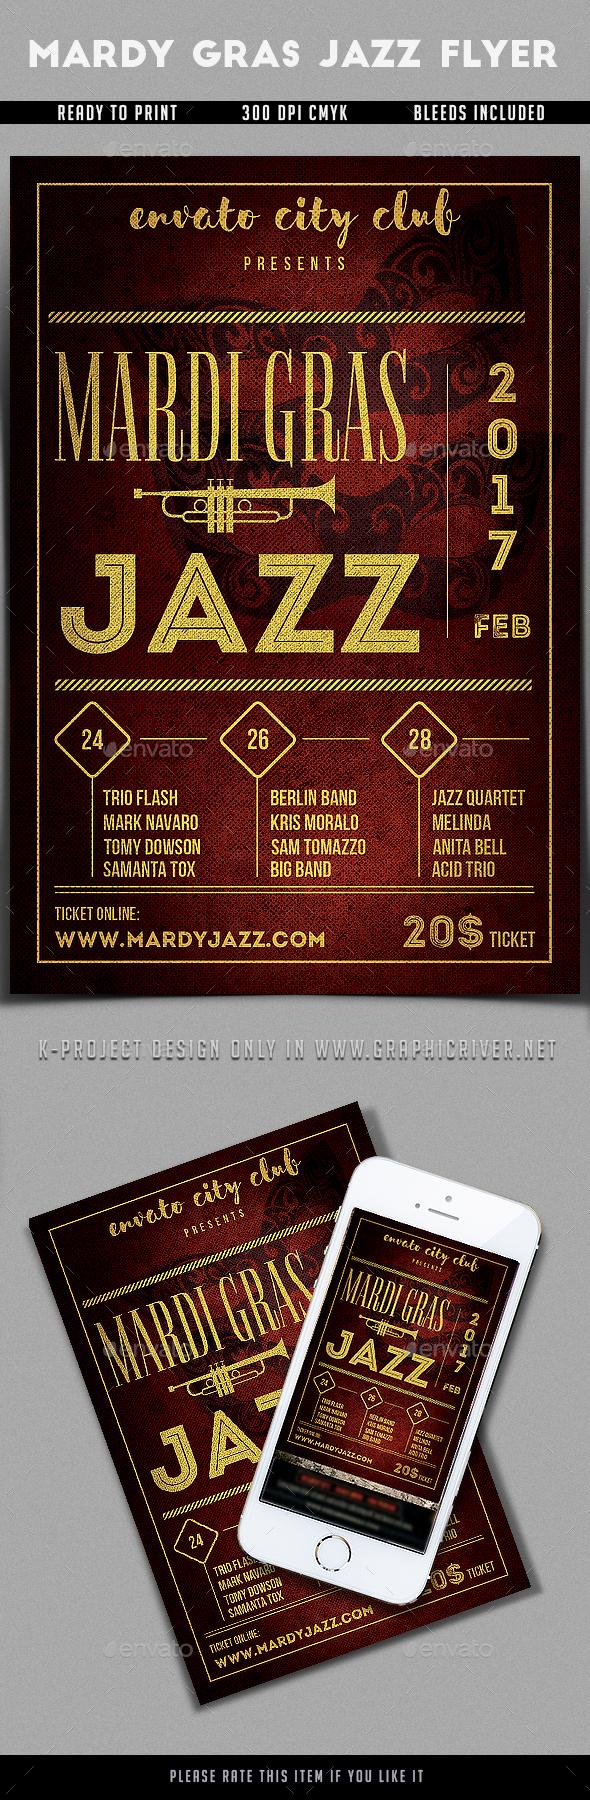 Mardi Gras Jazz Flyer - Events Flyers